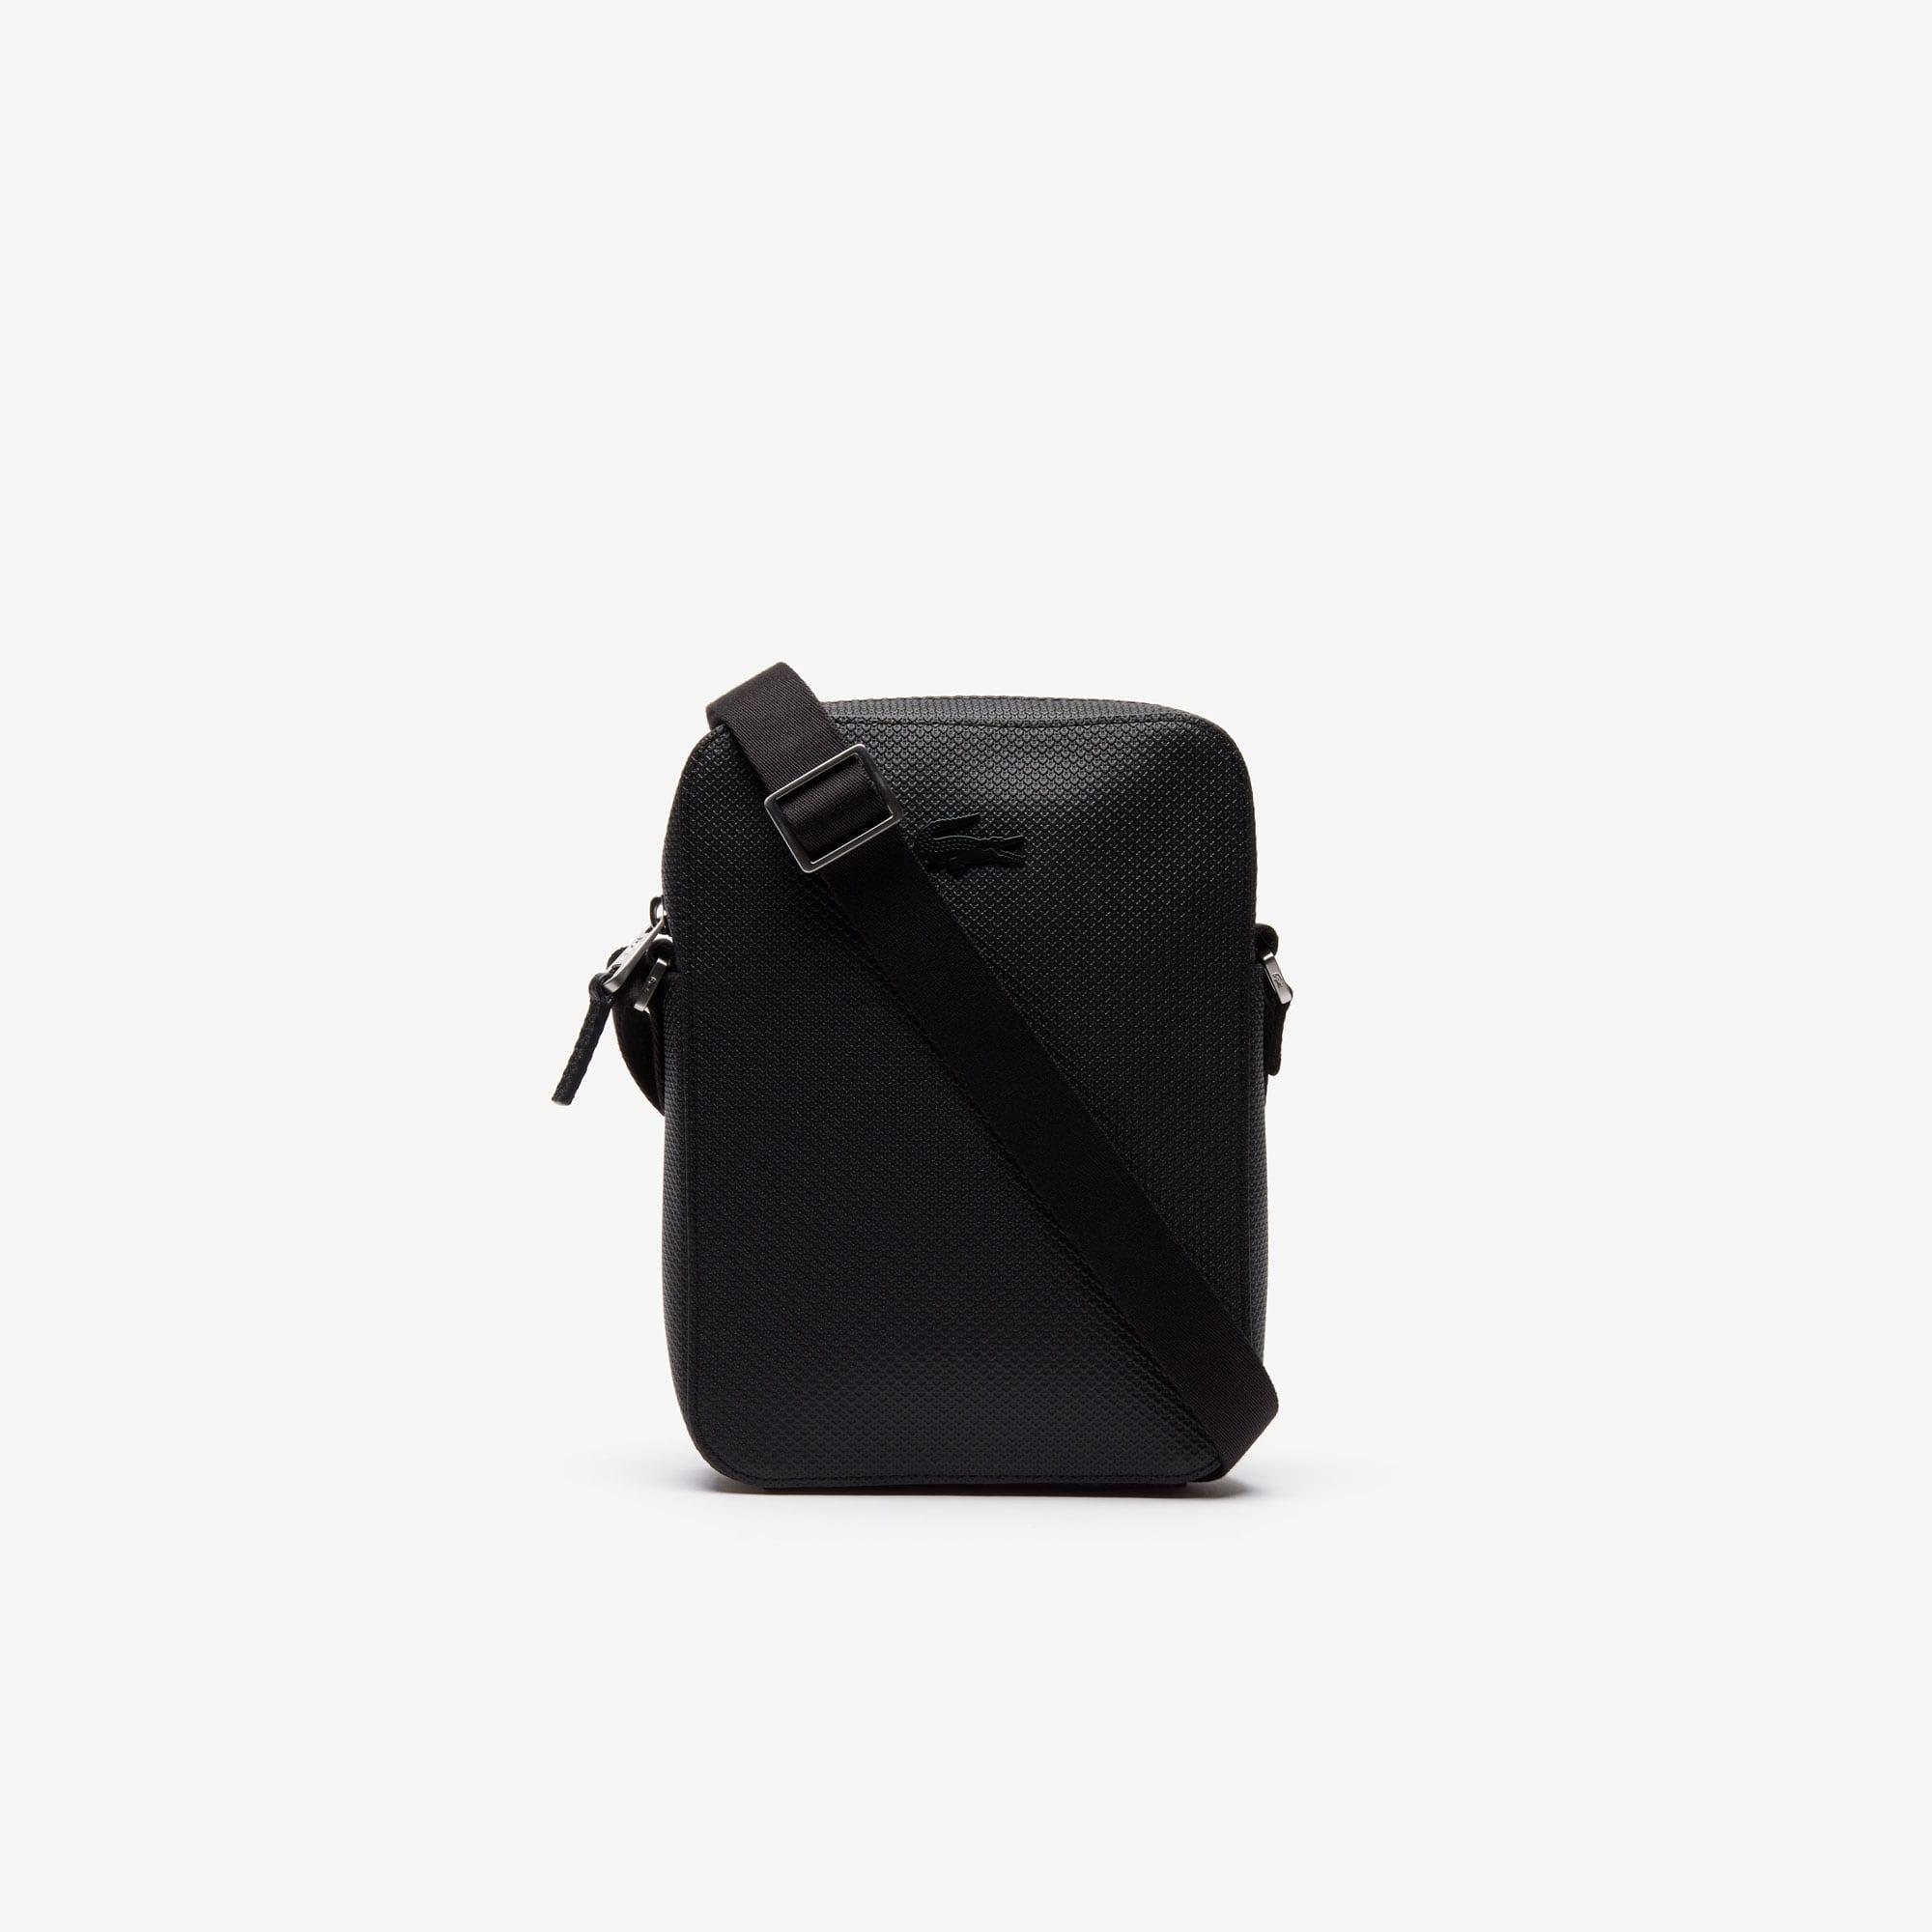 라코스테 Lacoste Mens Chantaco Soft Leather Vertical Zip Bag,black